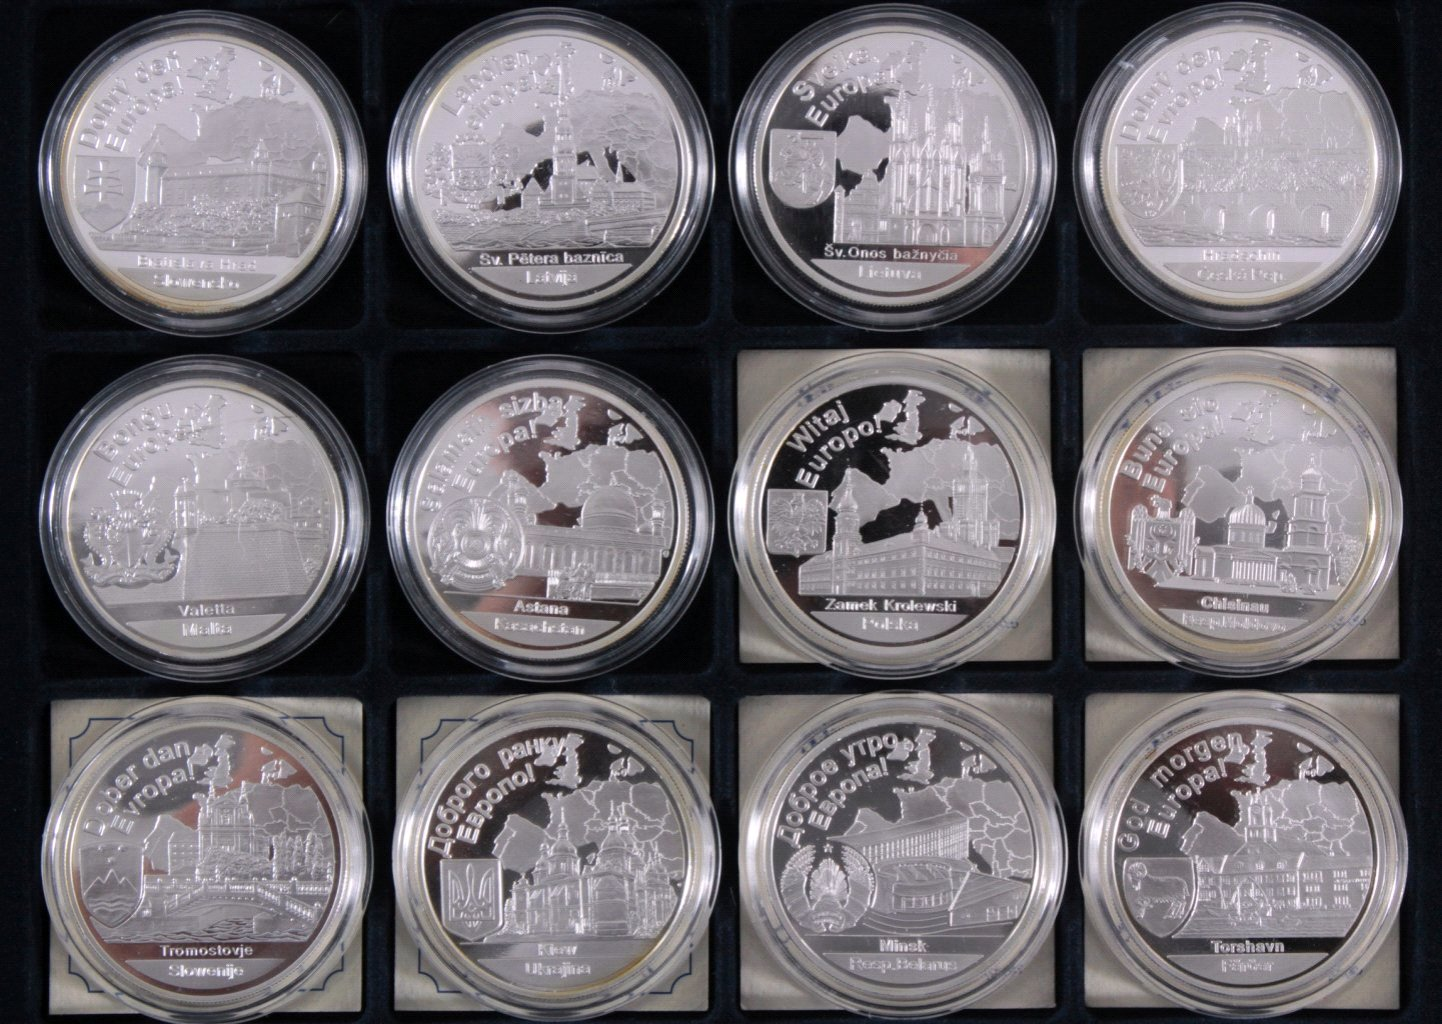 Europa, Konvolut von 16 Silbermünzen aus Europa-2